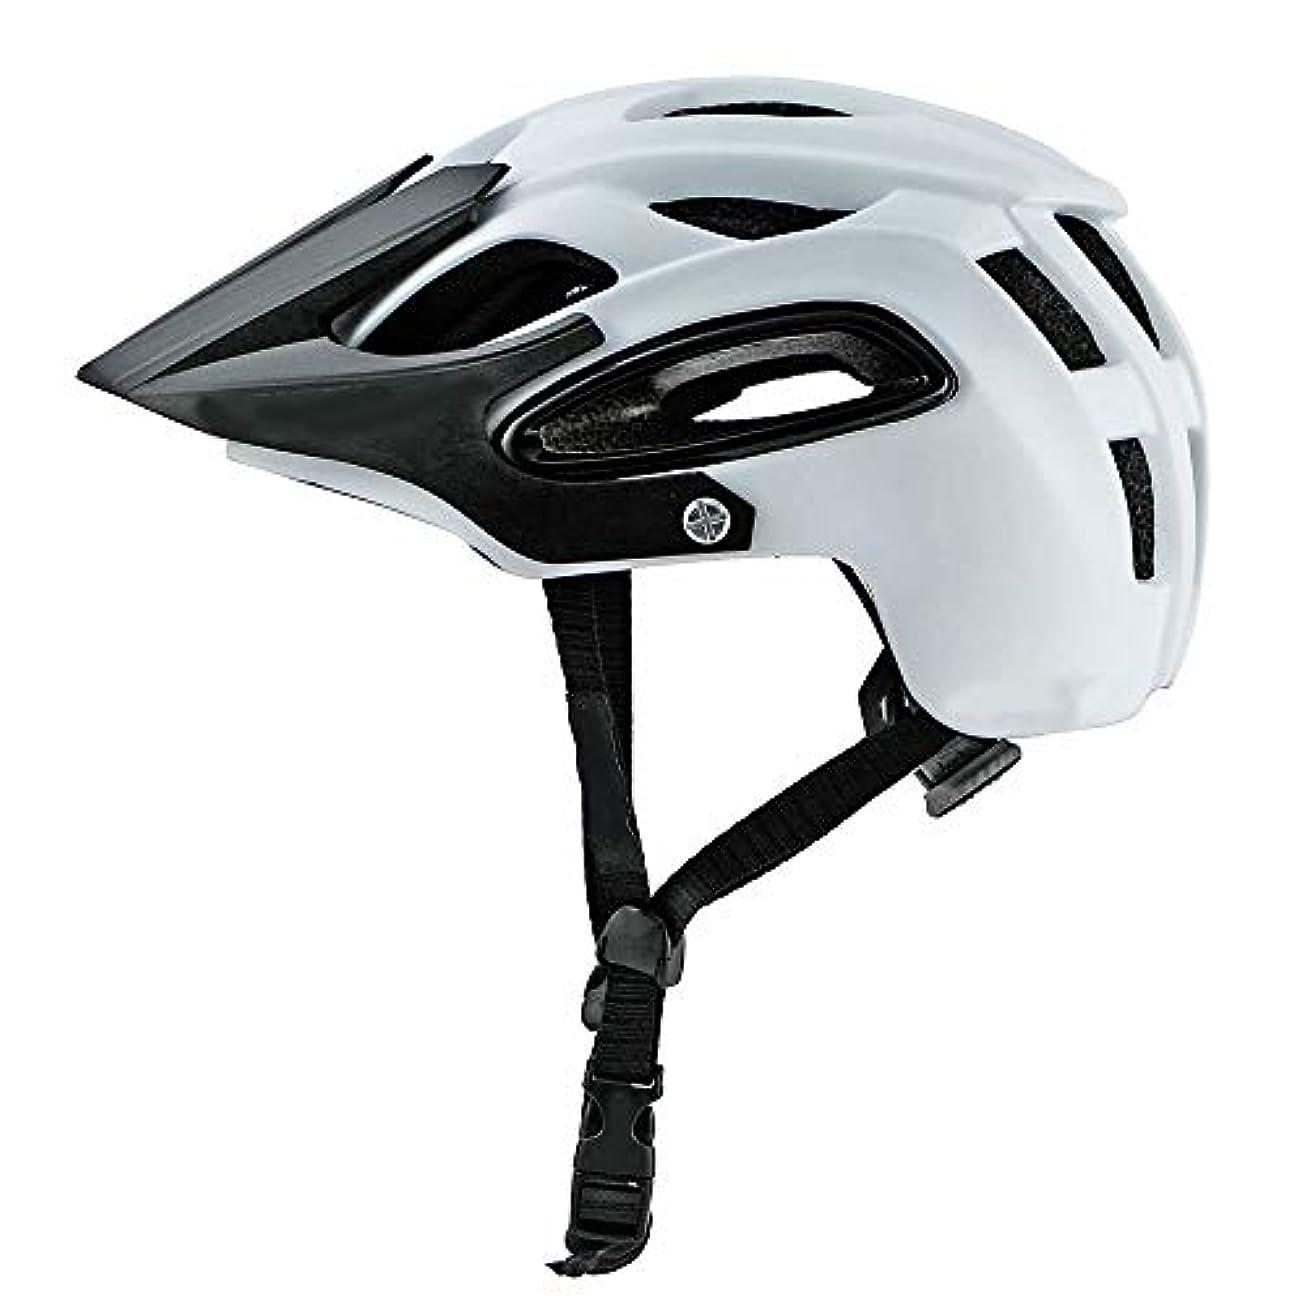 天窓ぞっとするような乳白色Safety マウンテンバイク男性と女性の乗馬用ヘルメットマウンテンフォレストオフロード深度保護安全通気性ヘルメット (色 : White)